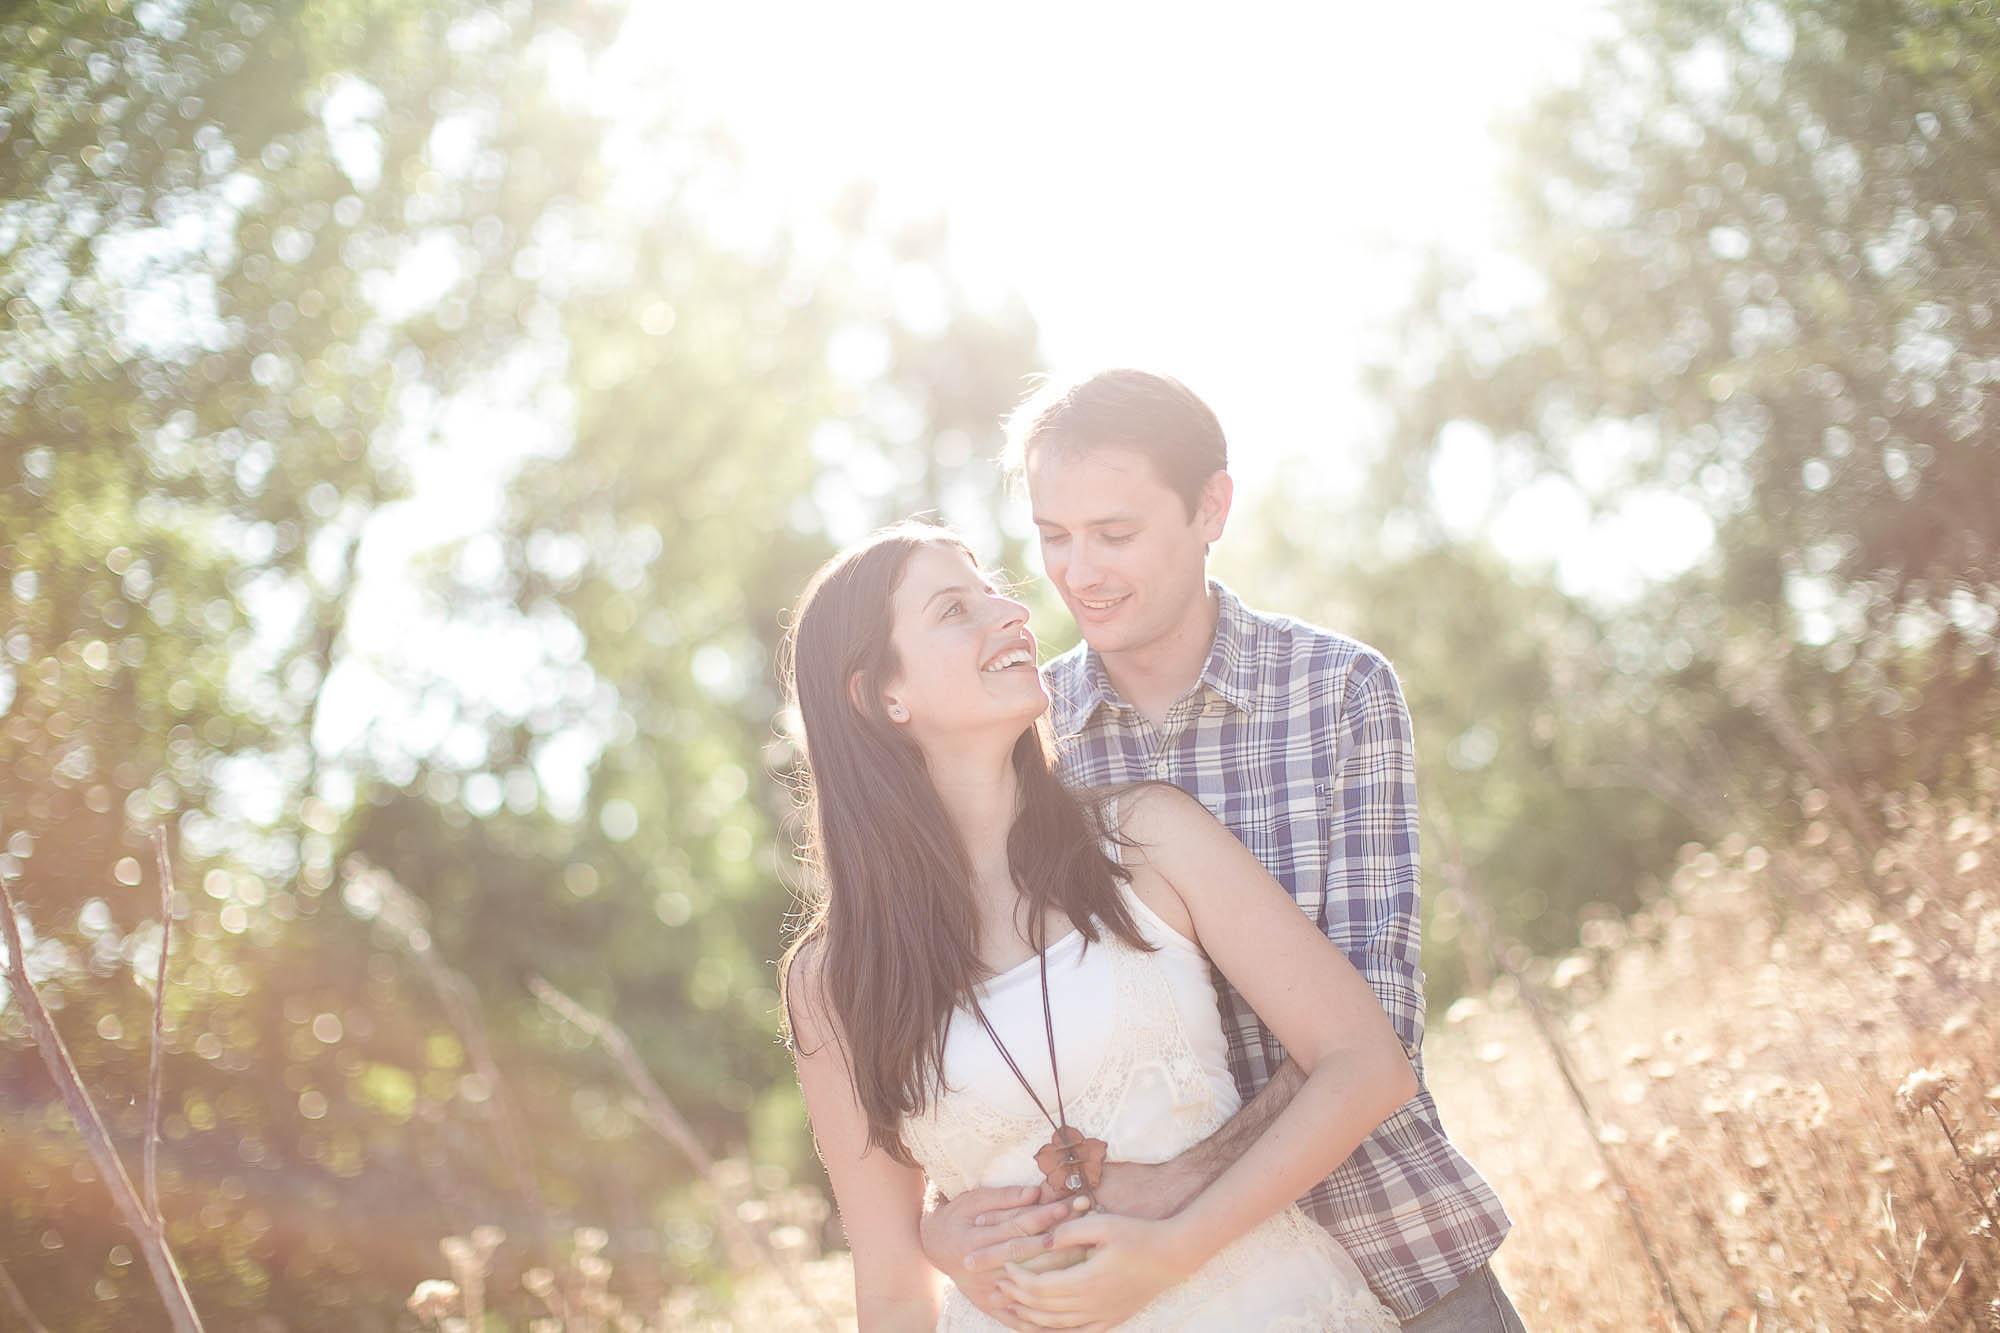 La pareja se abraza bañada por la luz del sol